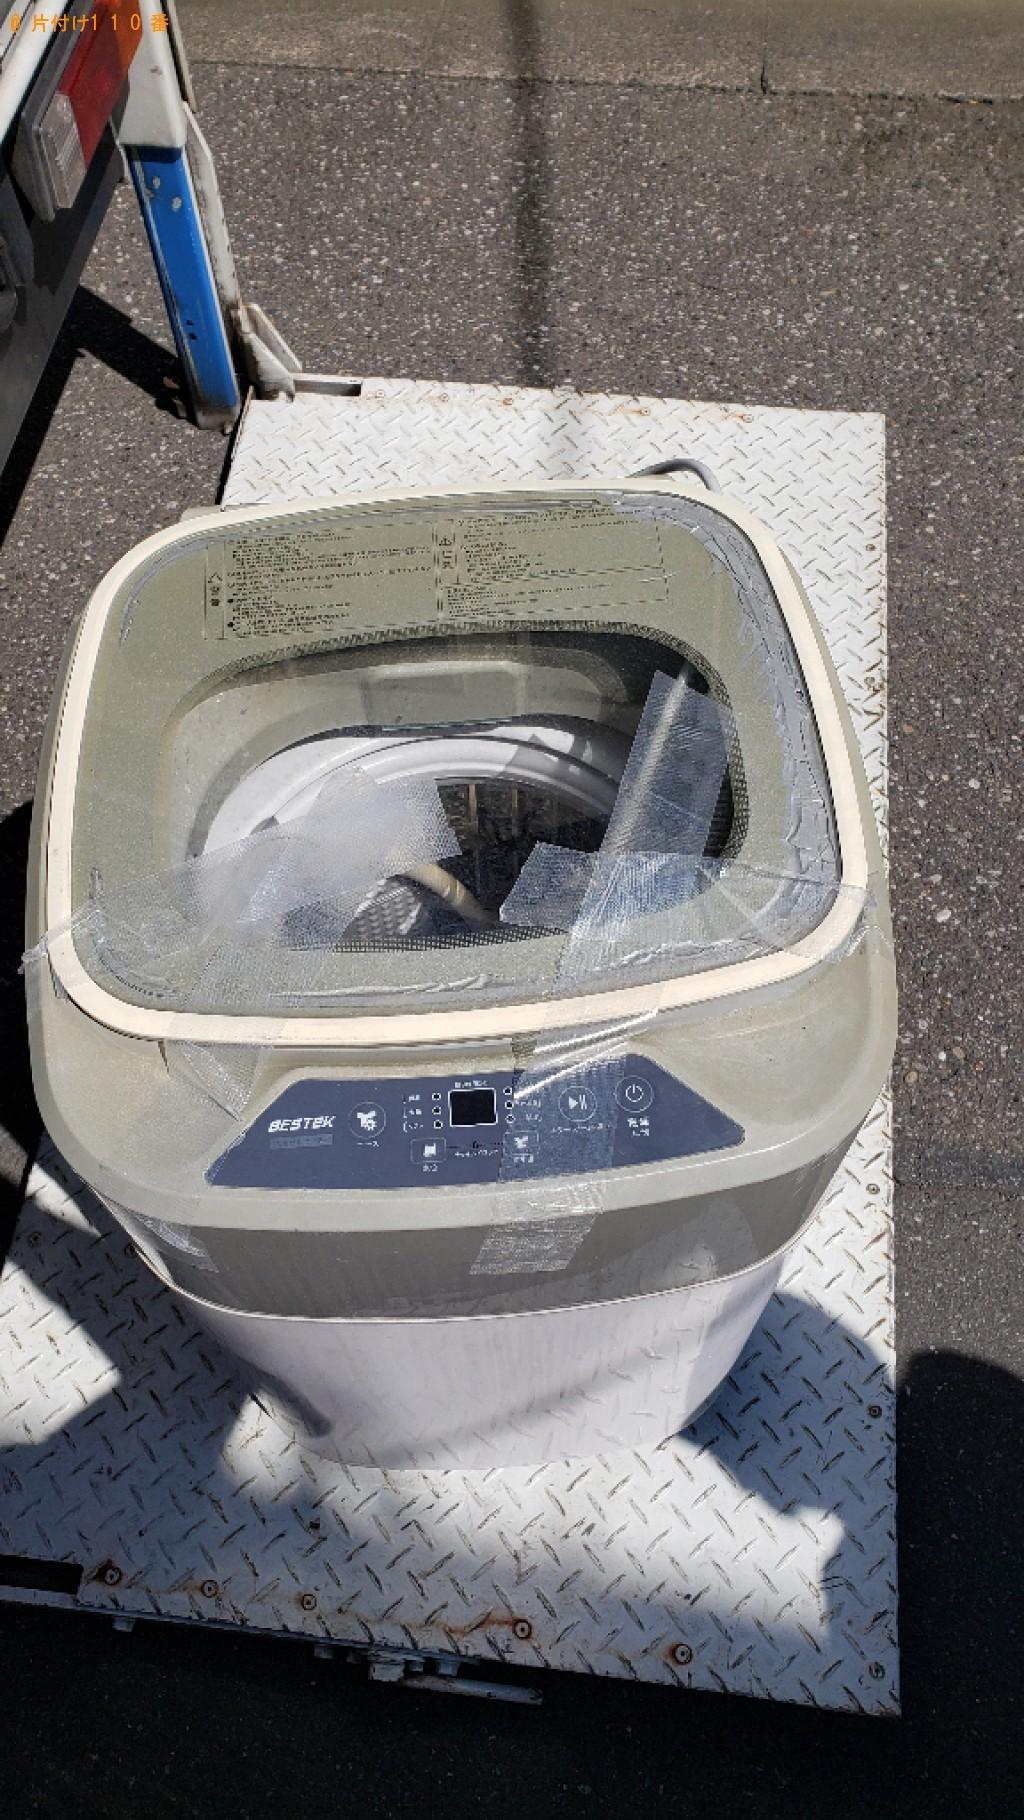 【さいたま市桜区】洗濯機の回収・処分ご依頼 お客様の声